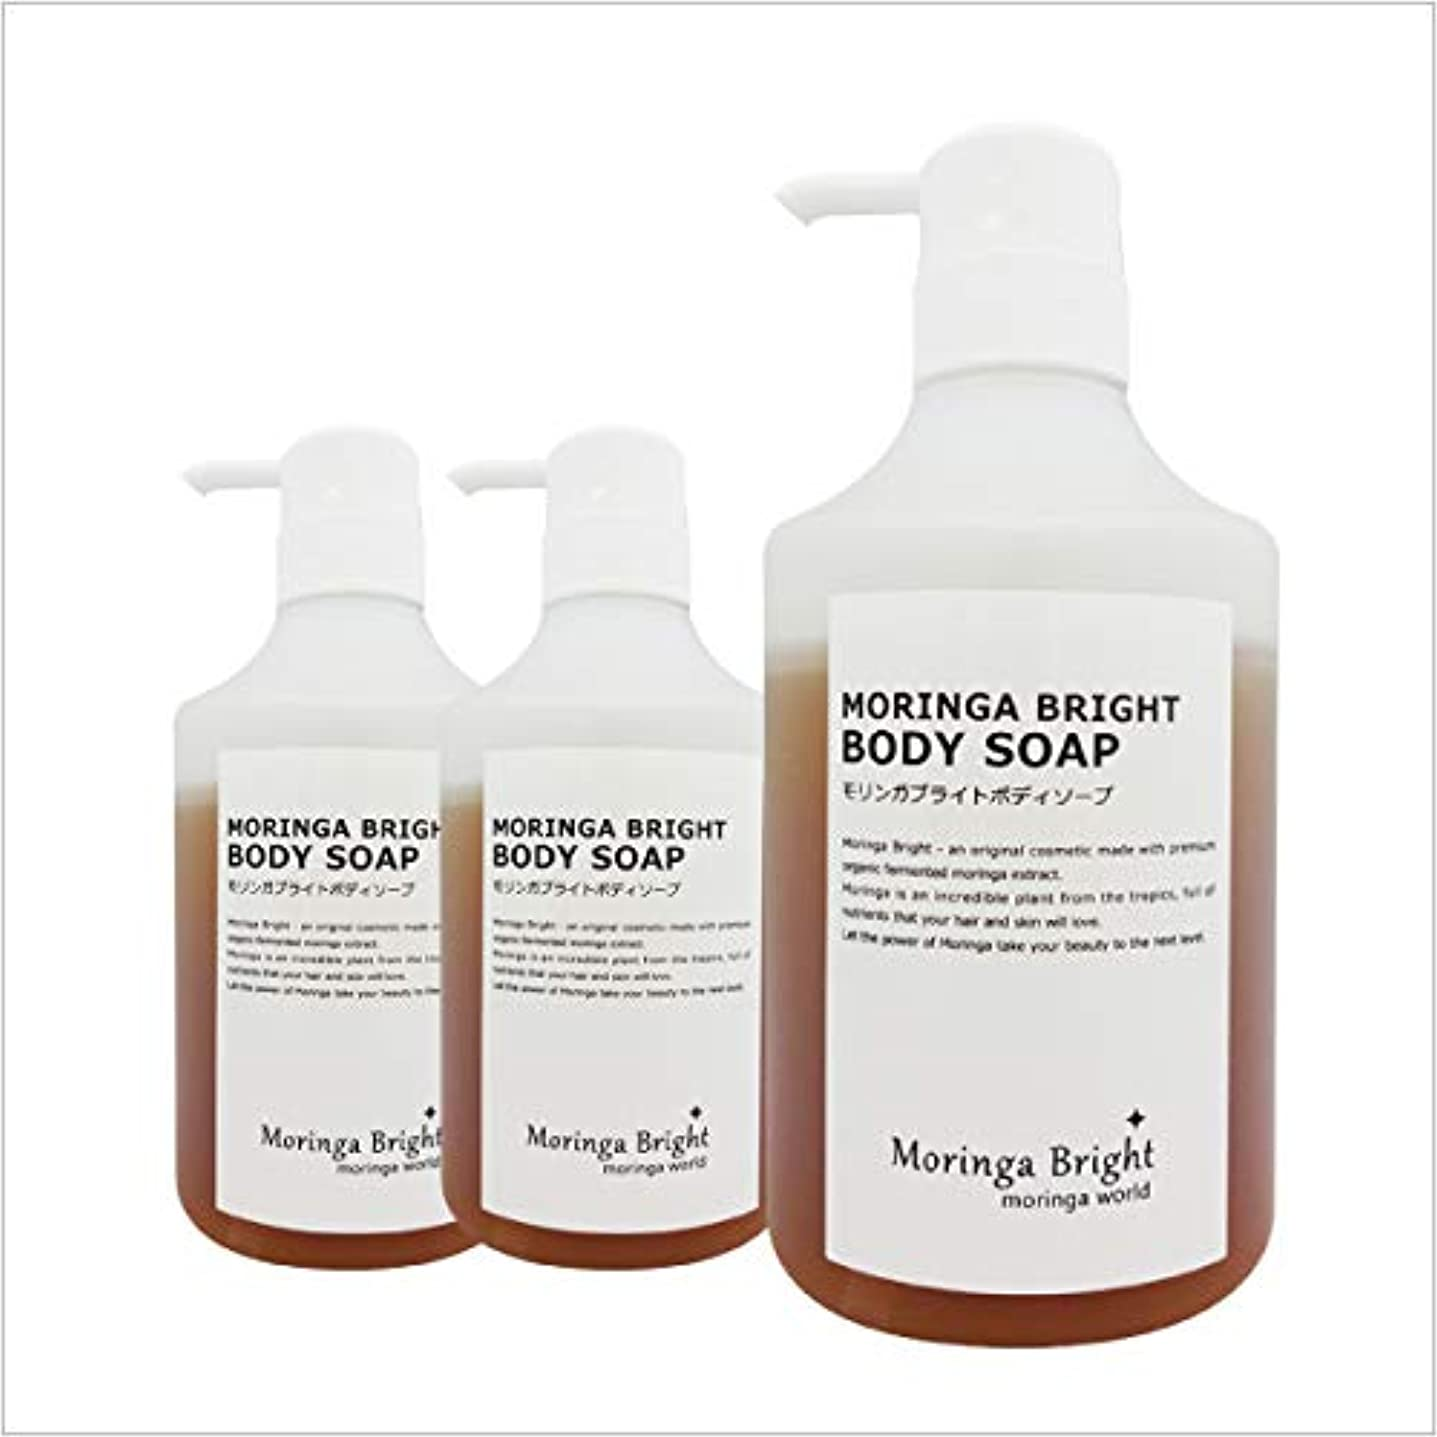 最高乱暴なトンモリンガブライトボディソープ(450ml x 3本)洗顔もできる無添加ボディソープ オーガニックモリンガを乳酸発酵させた保湿美容成分「発酵モリンガエキス」配合」